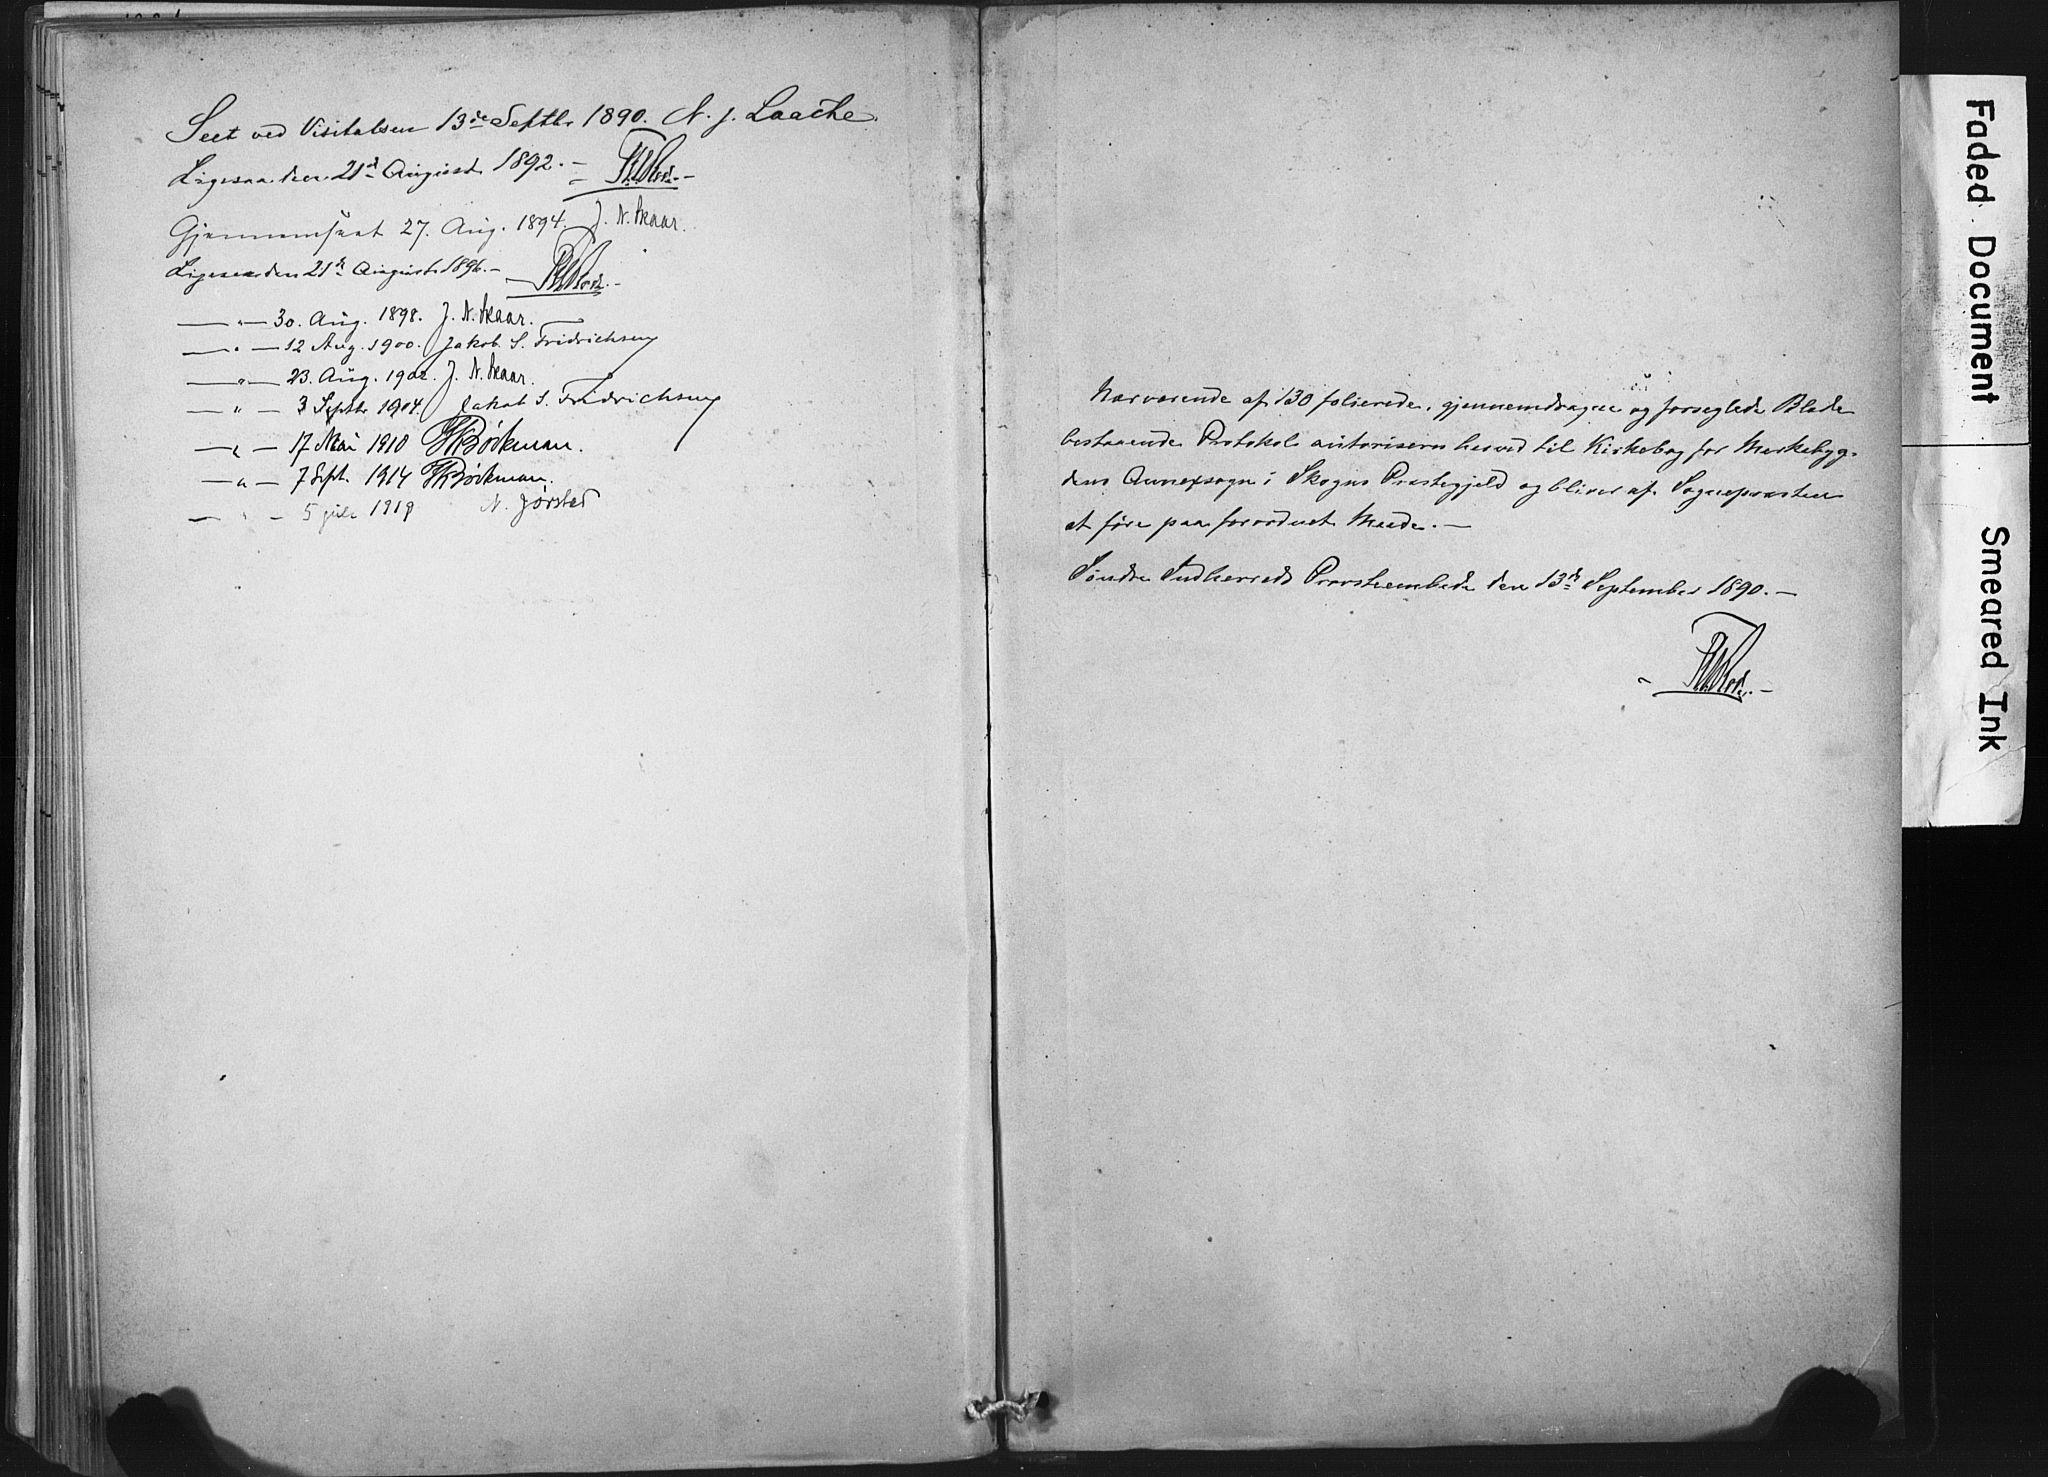 SAT, Ministerialprotokoller, klokkerbøker og fødselsregistre - Nord-Trøndelag, 718/L0175: Ministerialbok nr. 718A01, 1890-1923